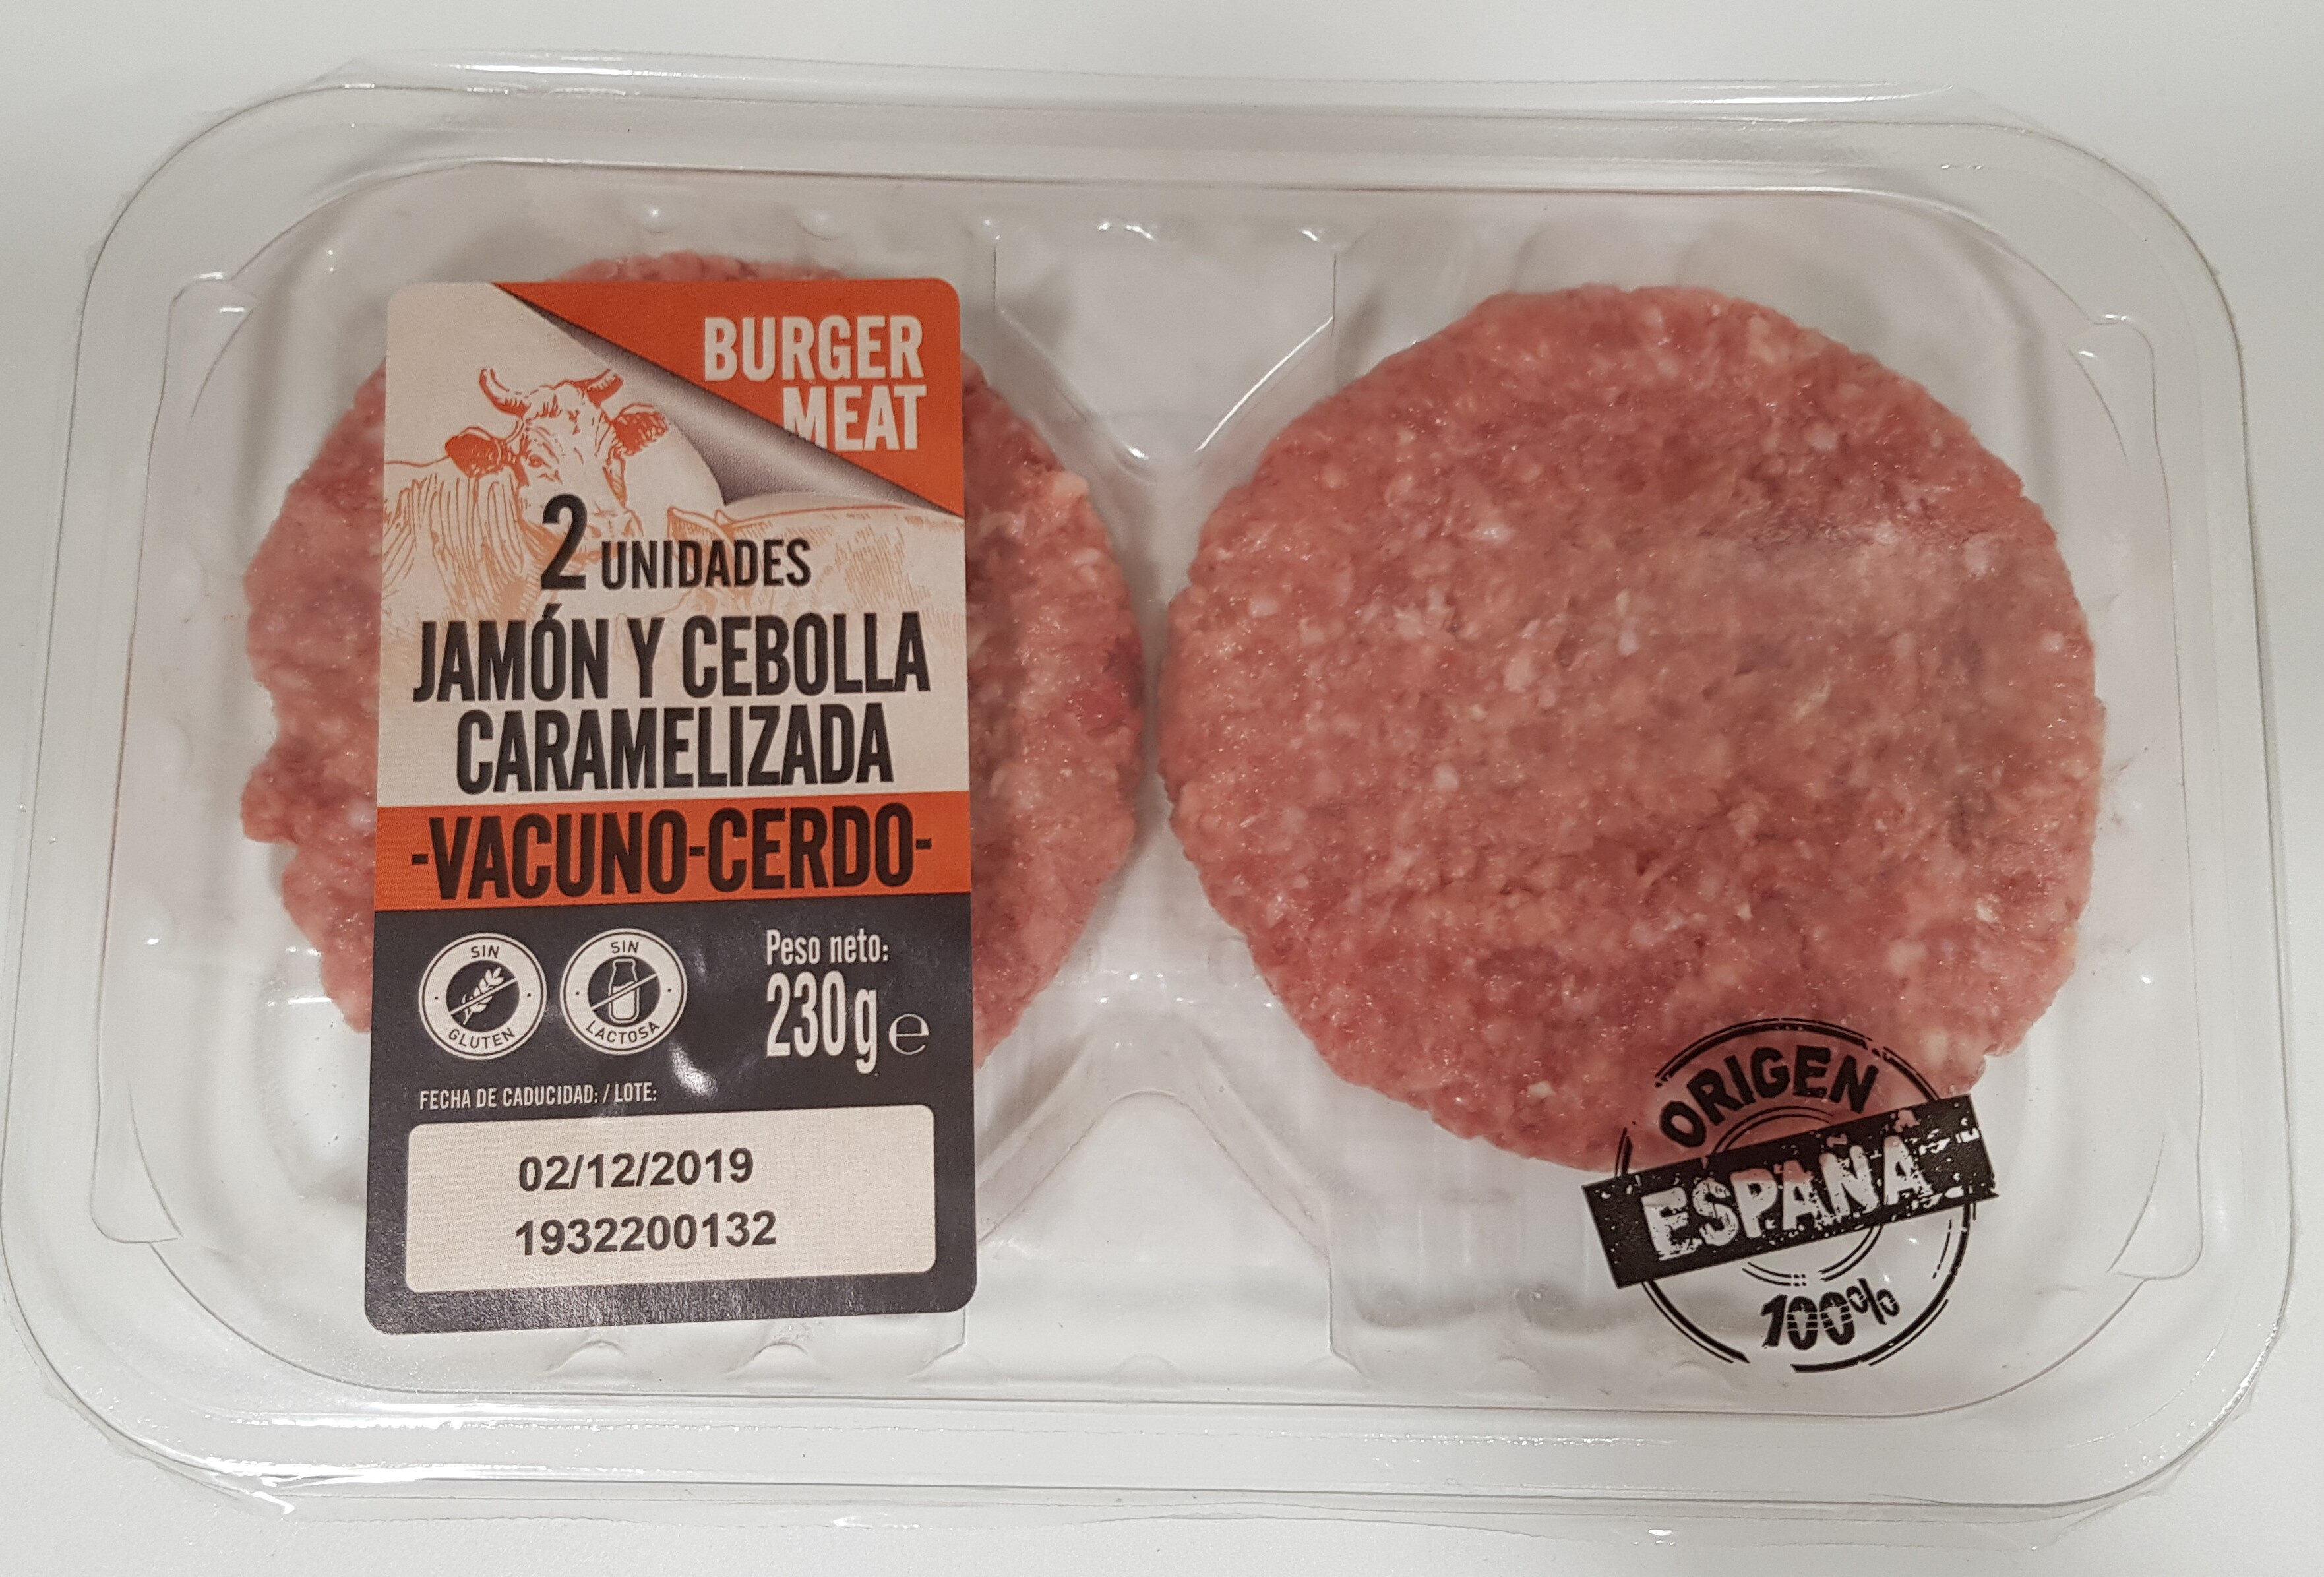 Hamburguesa jamón y cebolla caramelizada - Vacuno/Cerdo - Producto